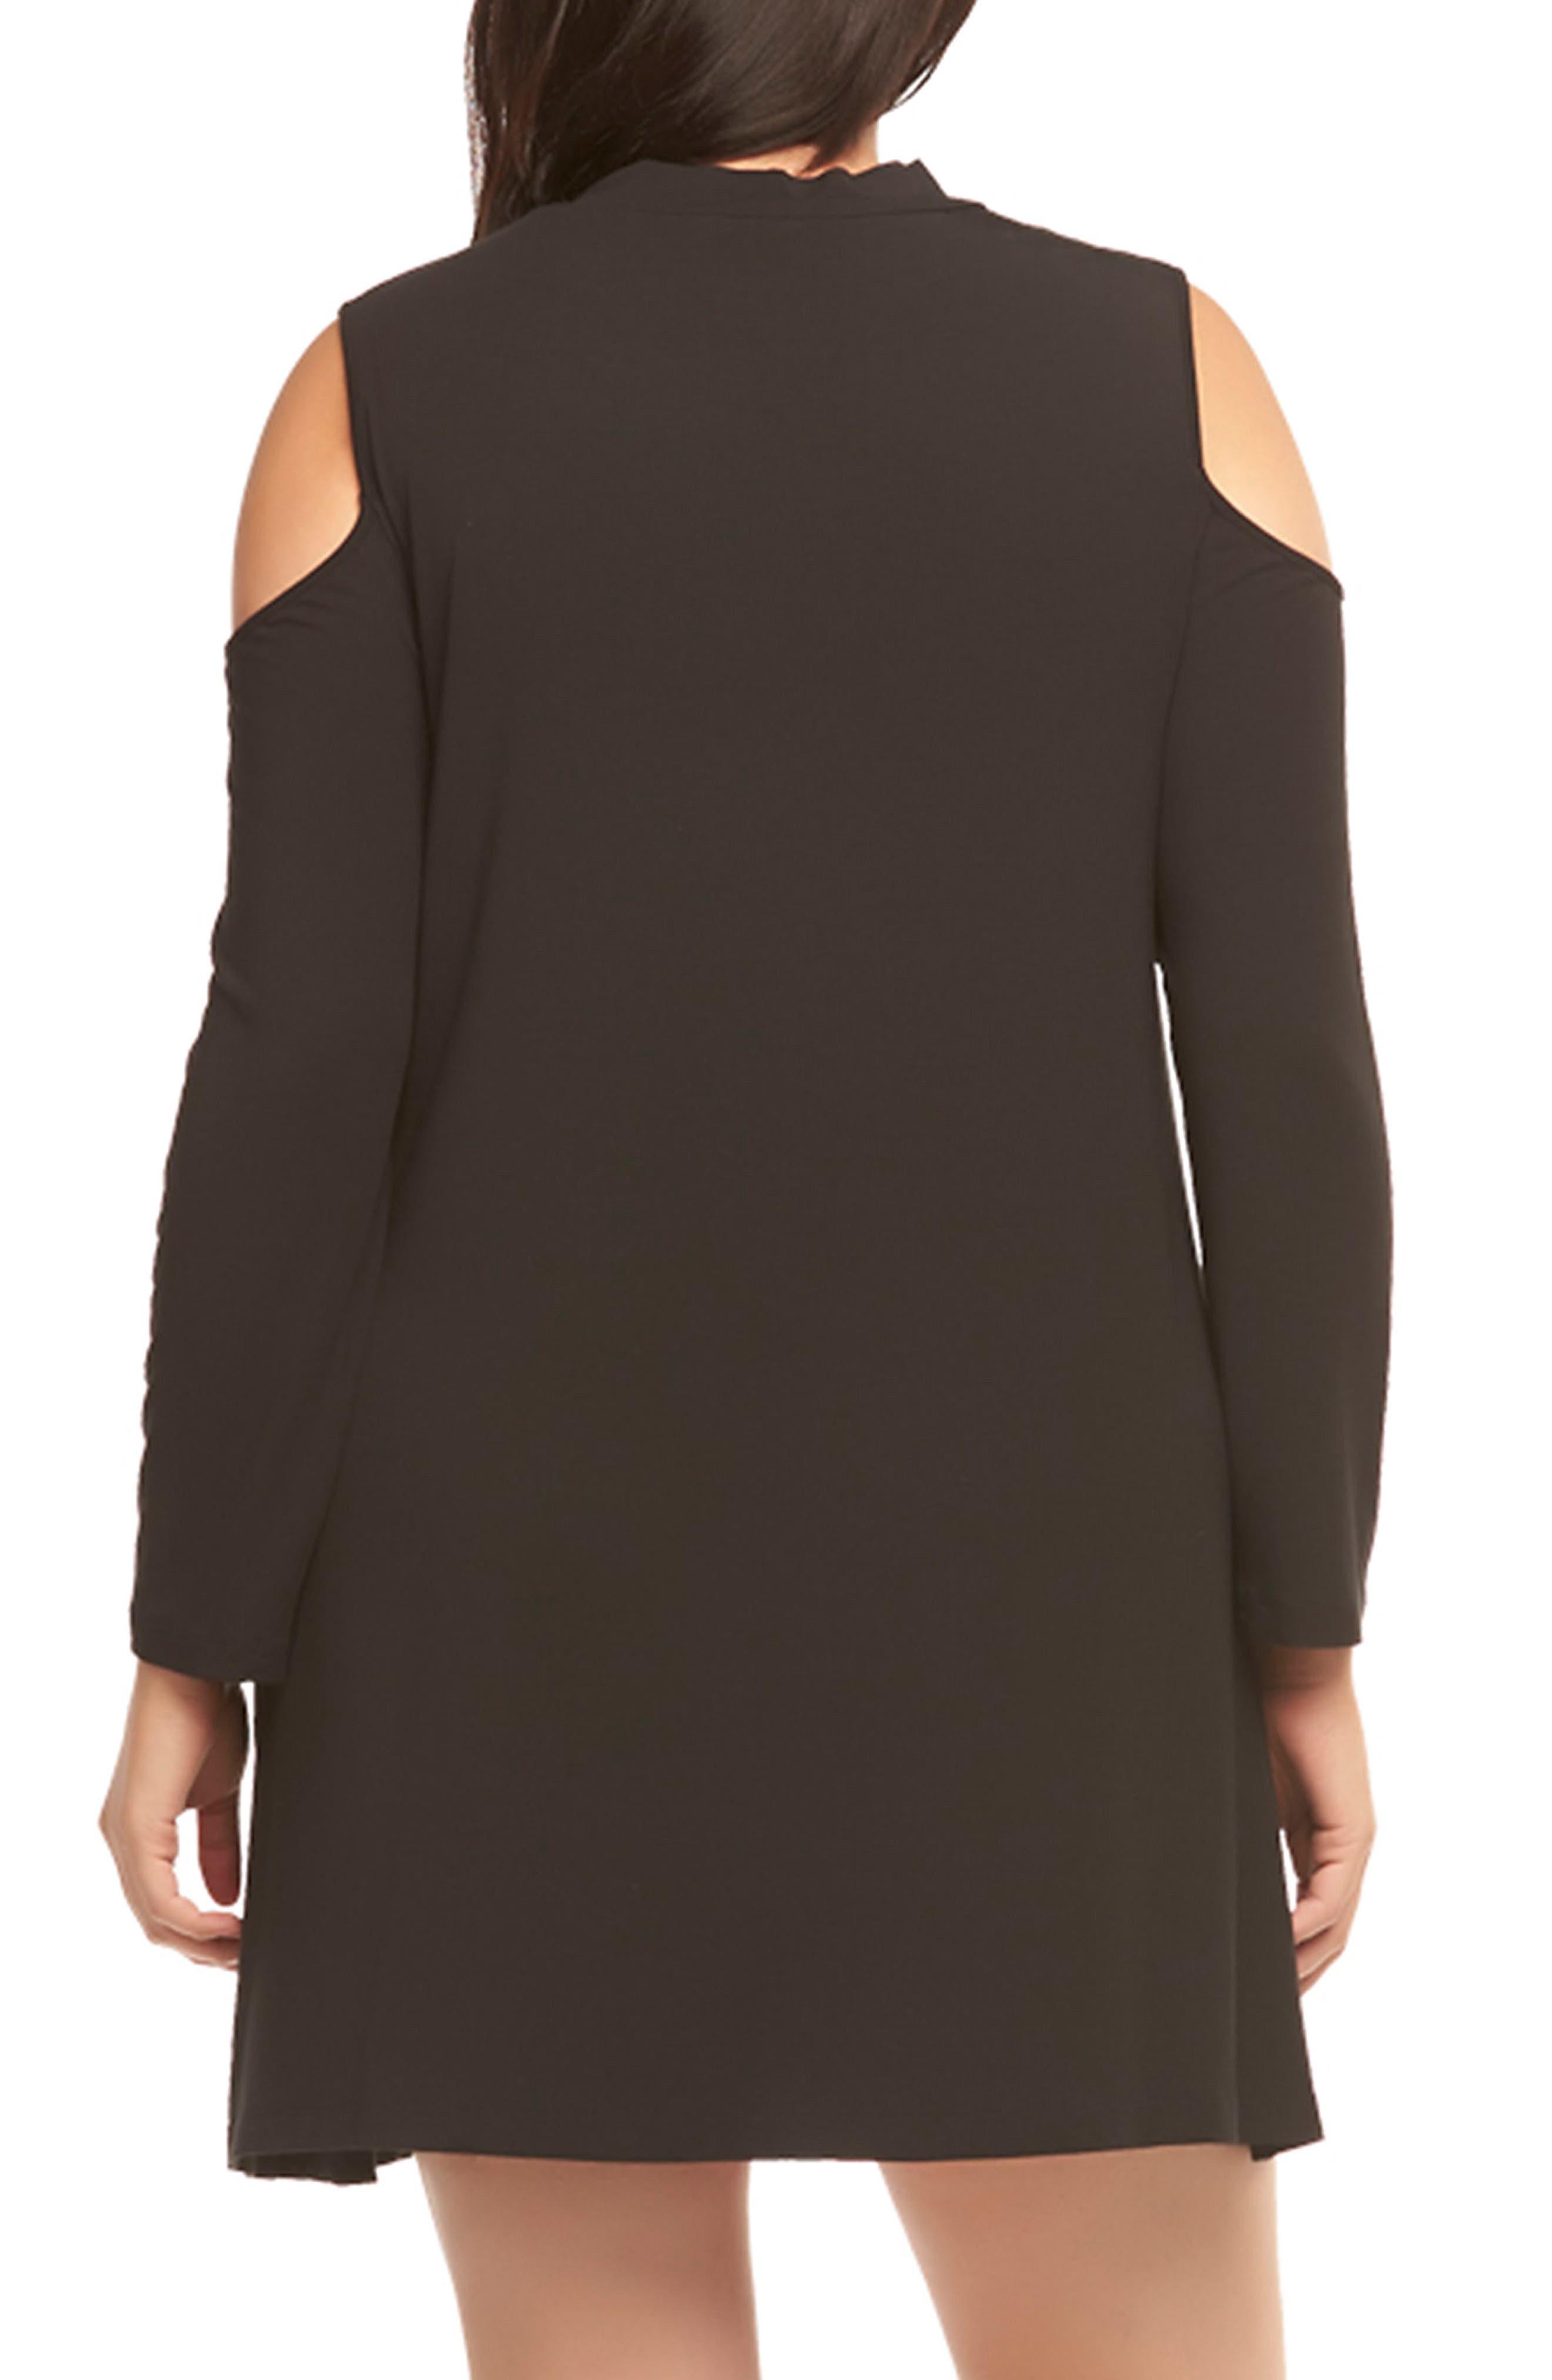 Kailey Cold Shoulder Trapeze Dress,                             Alternate thumbnail 3, color,                             Black